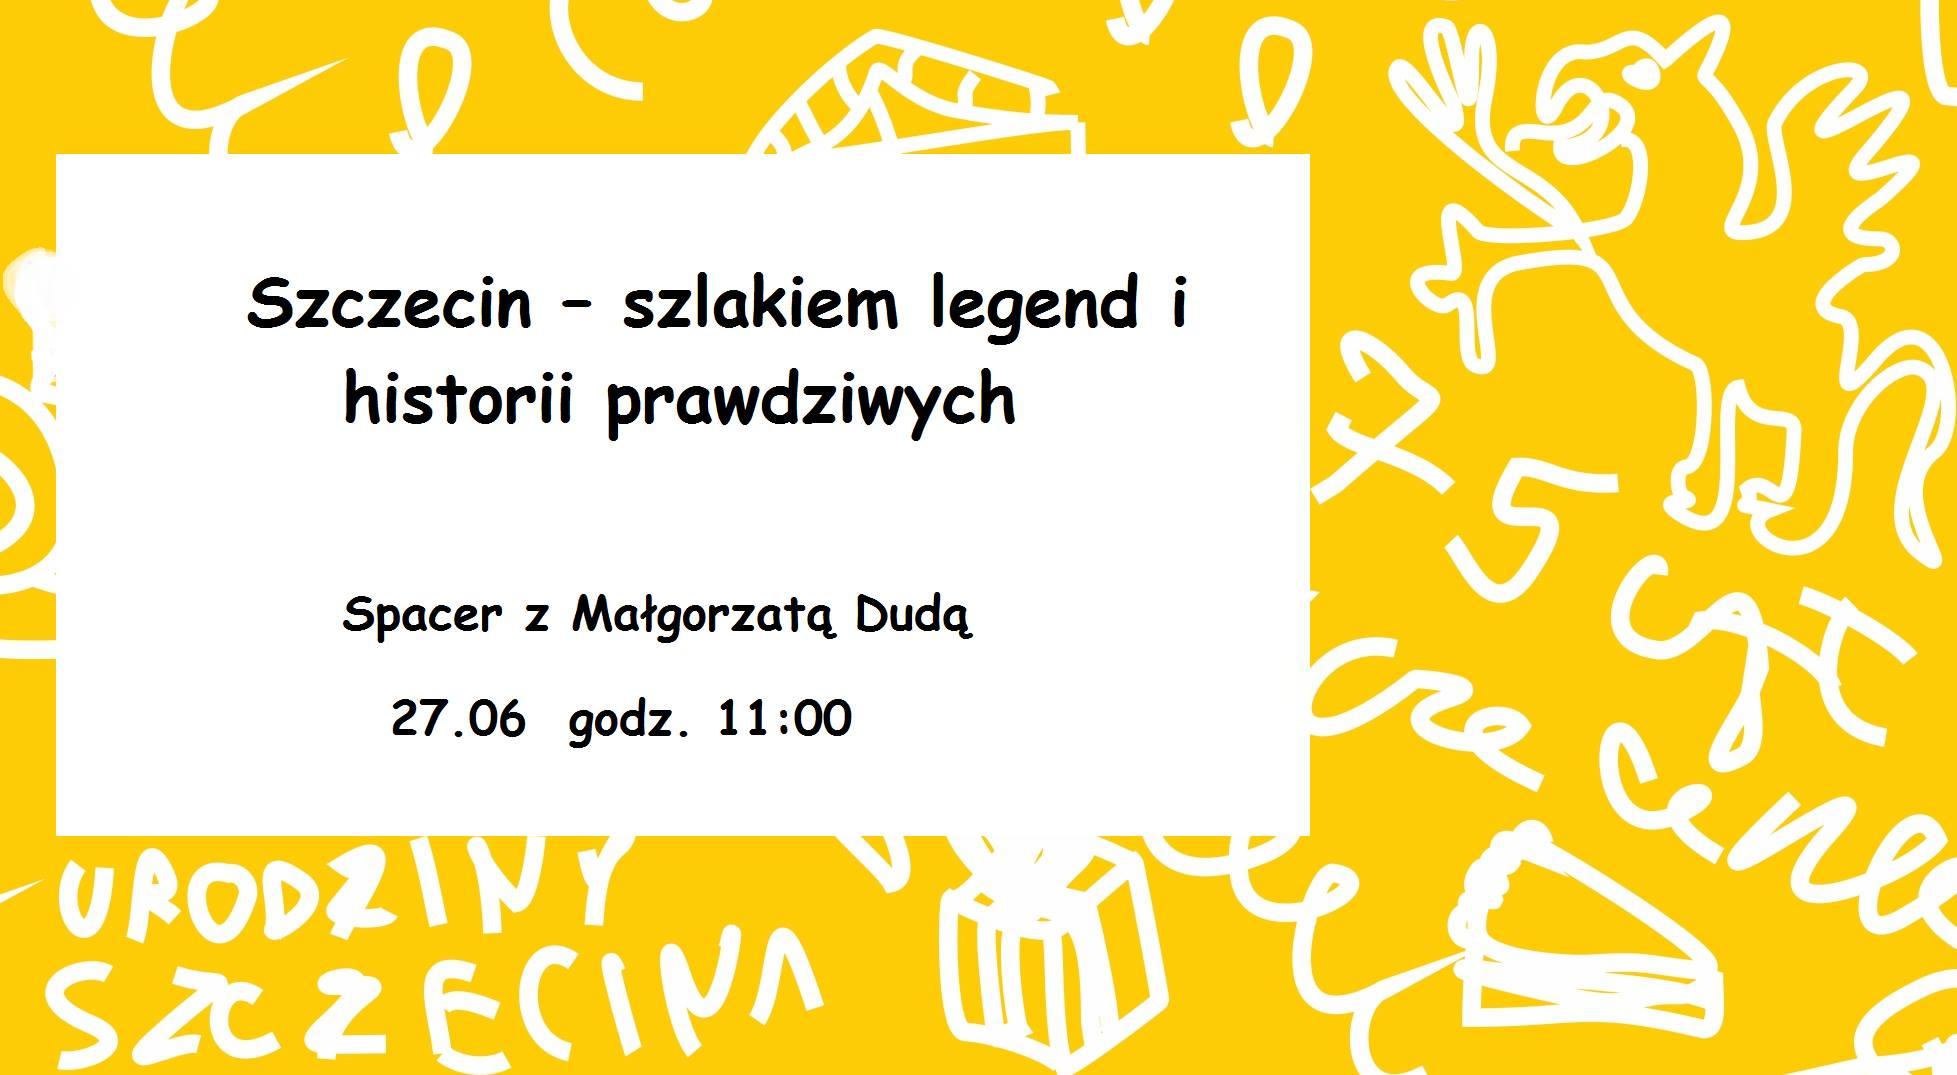 Szczecin - szlakiem legend i historii prawdziwych